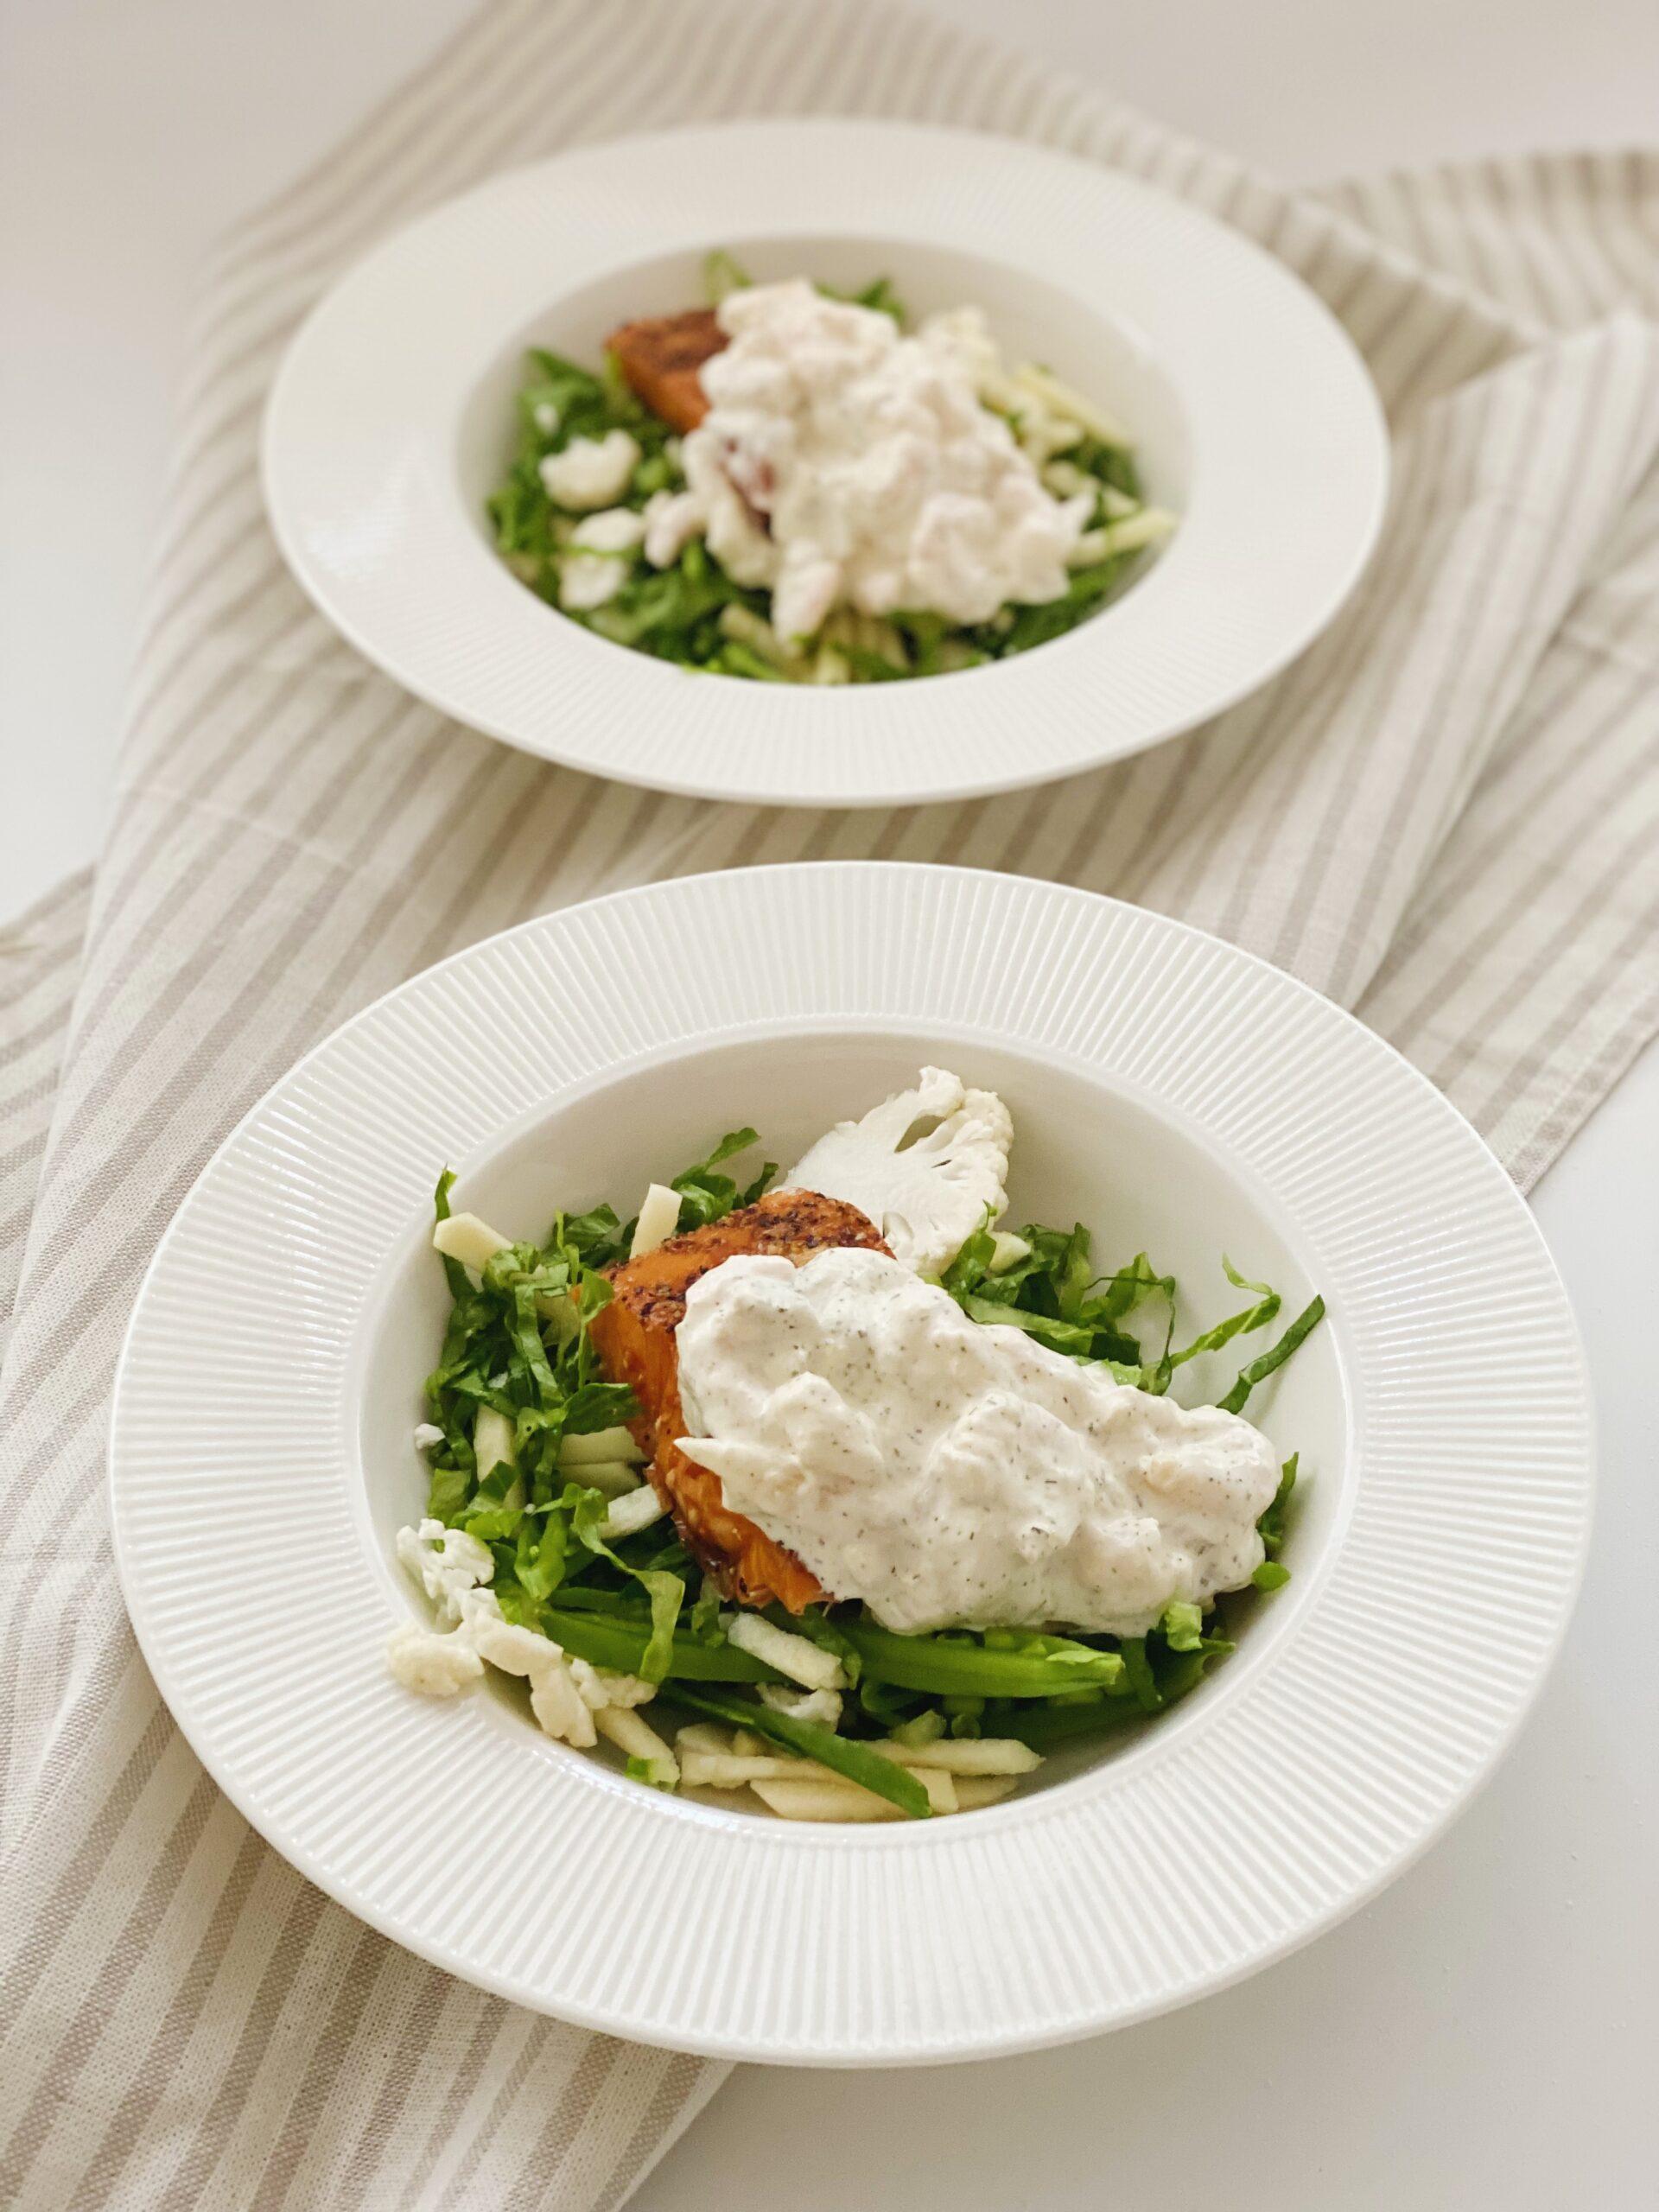 Varmrøget laks med rejesalat i to dybe tallerkner set skråt ind fra og tæt på den forreste tallerken. De dybe tallerkner er placeret ovenpå en stribet serviet.